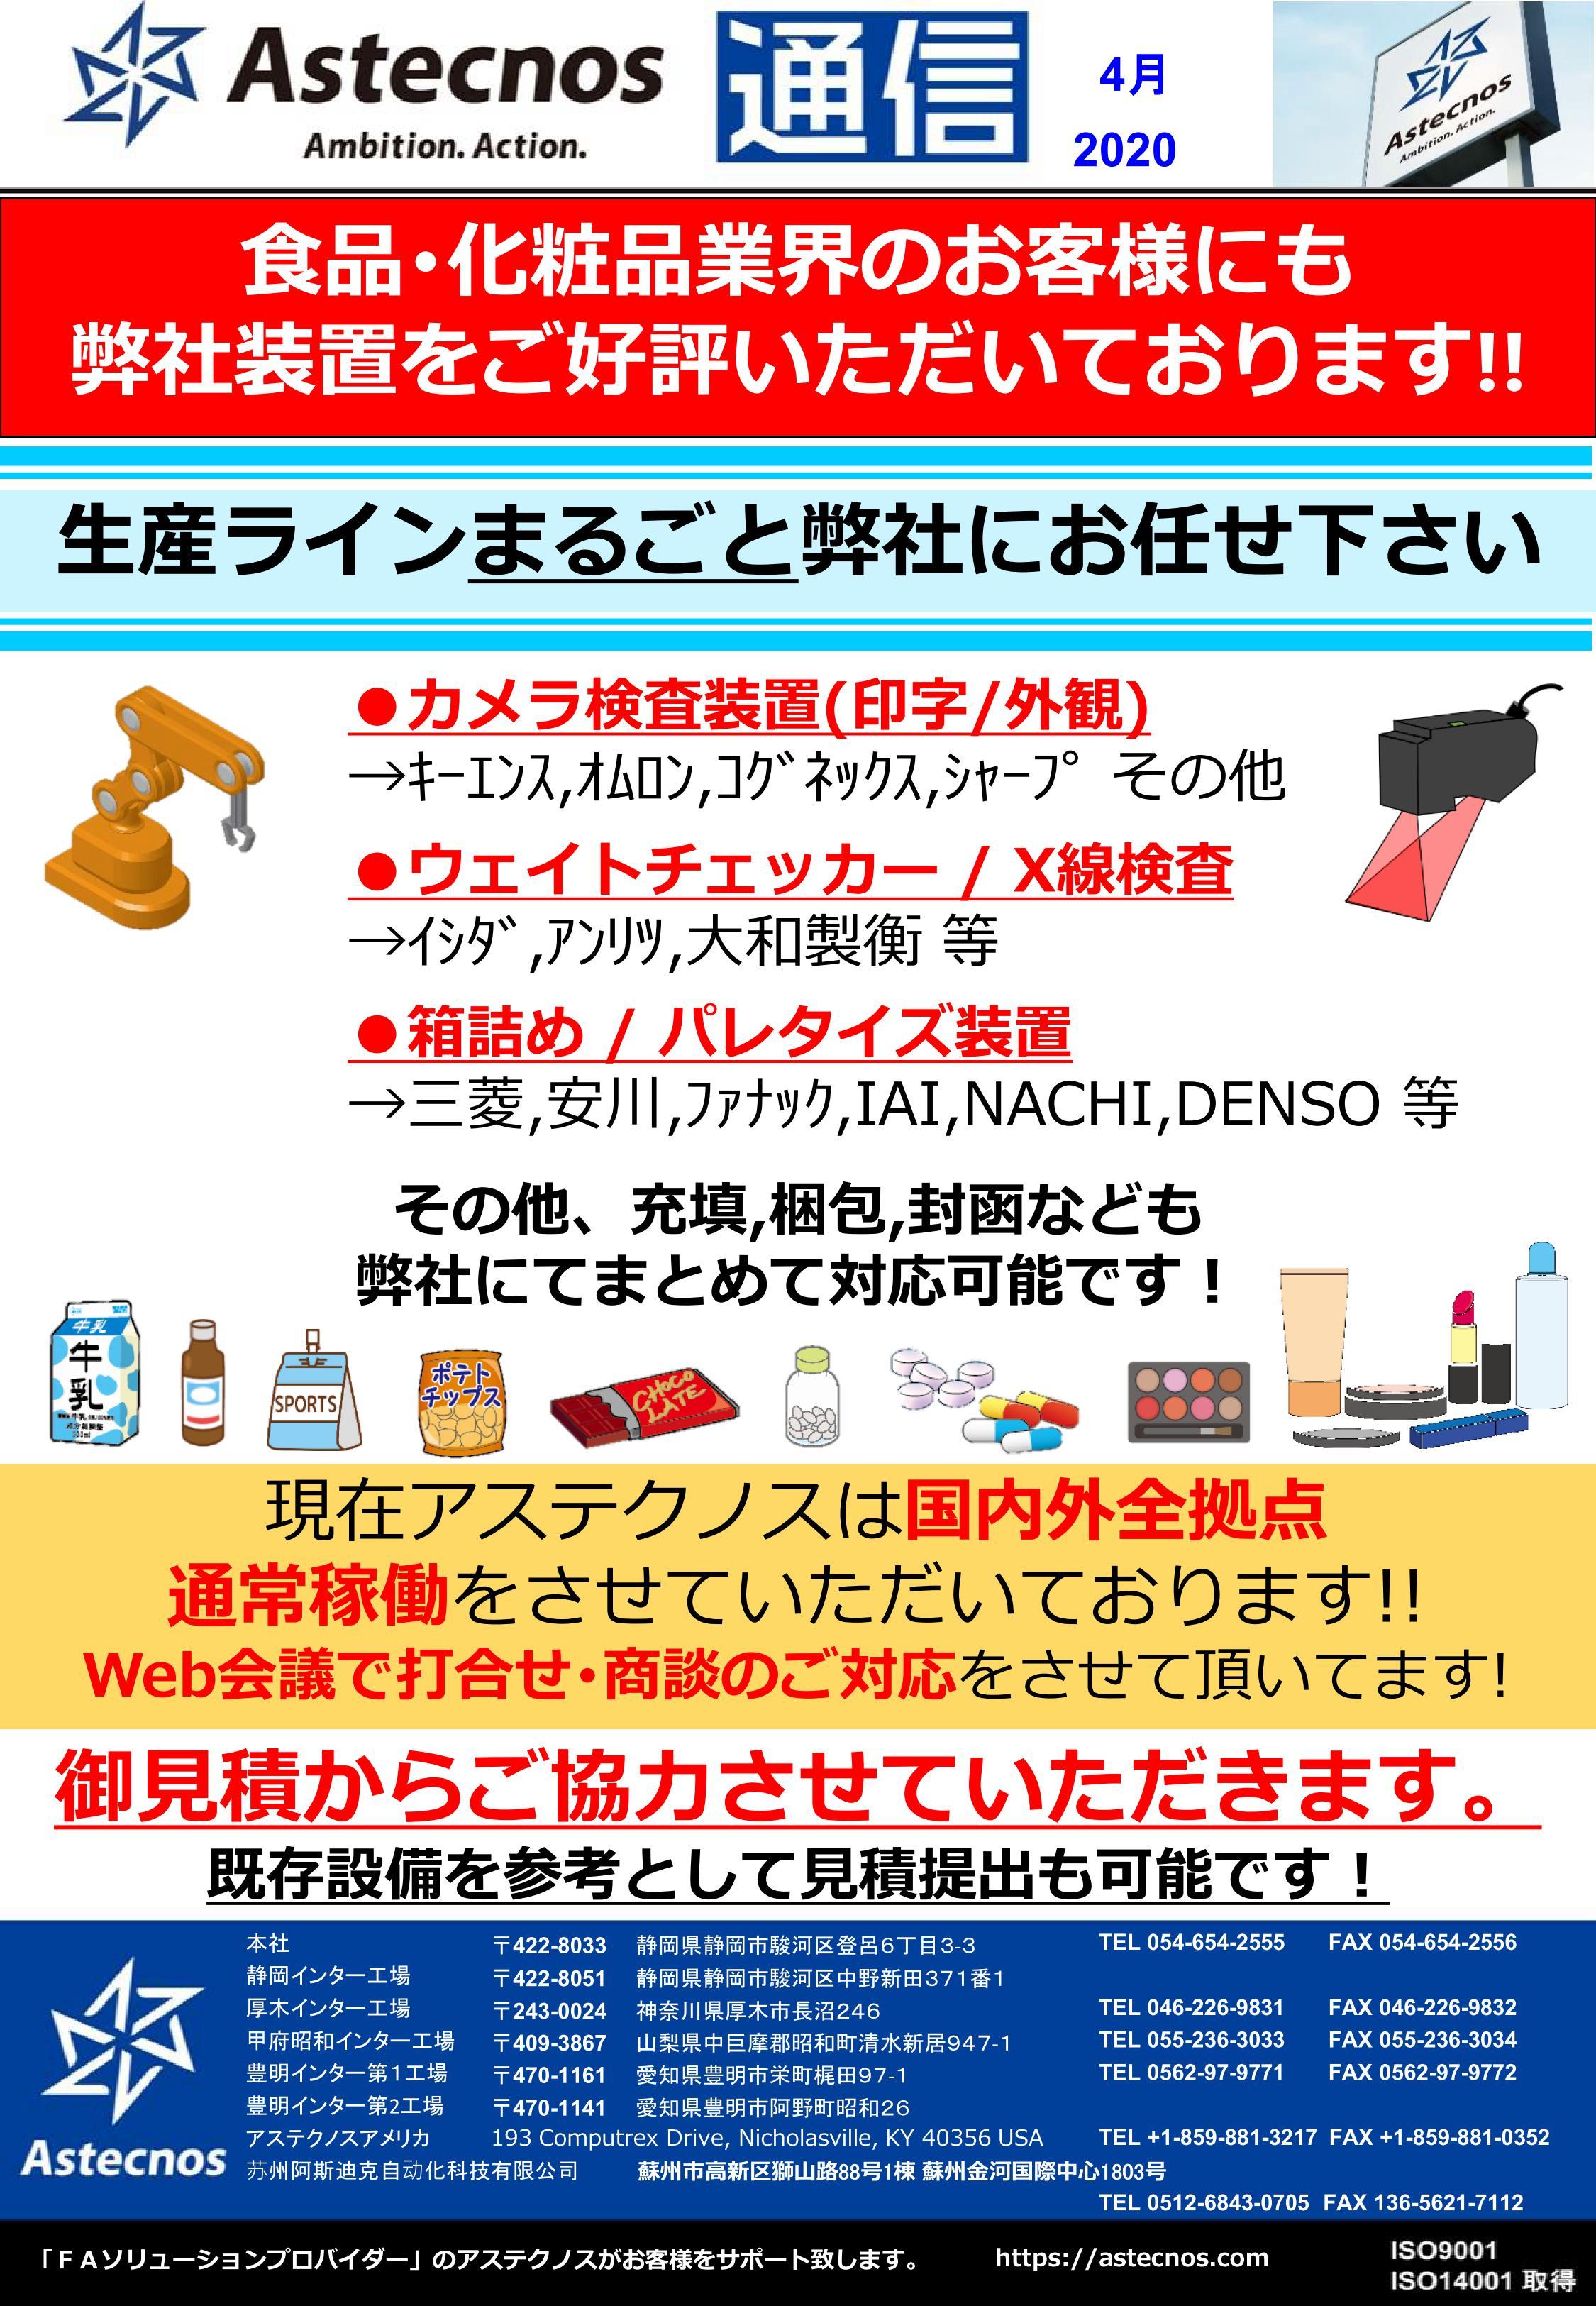 2020.04月① 食品・化粧品業界のお客様にもご好評!!_01